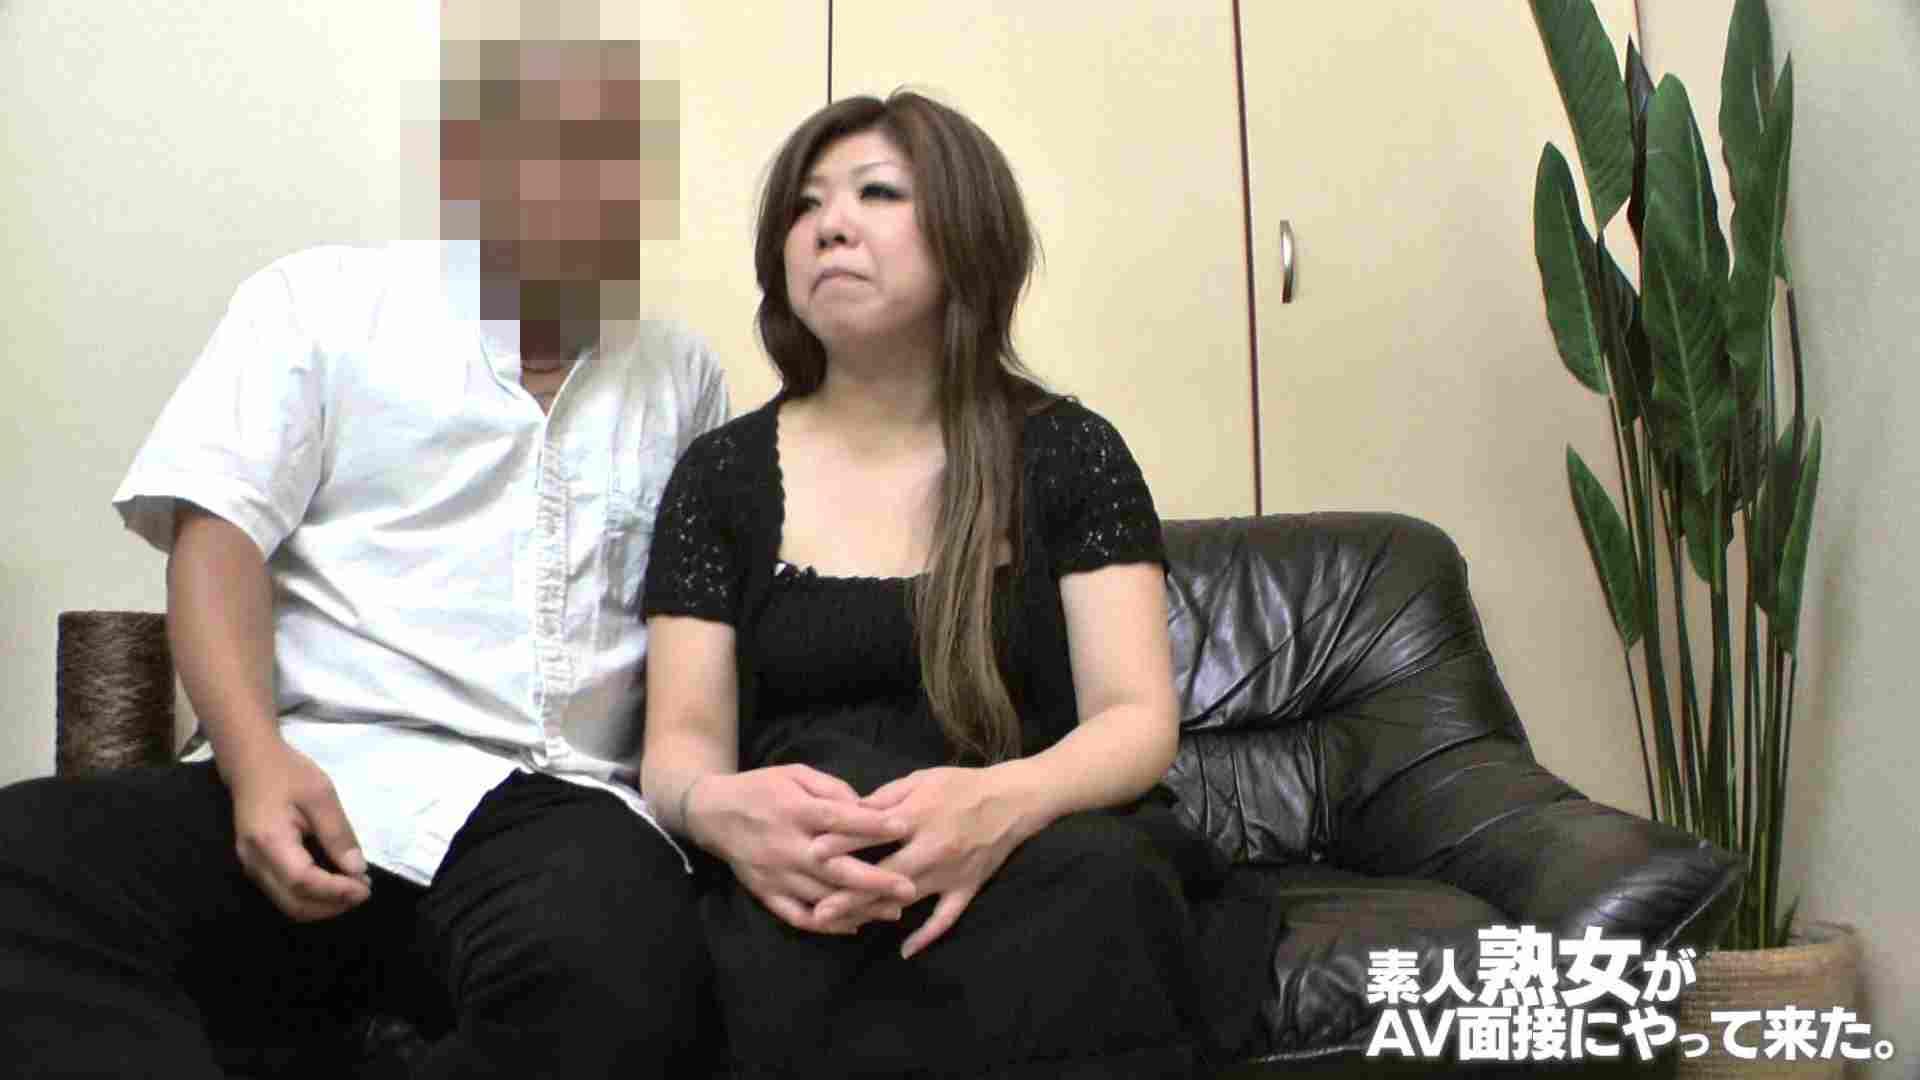 素人熟女がAV面接にやってきた (仮名)ゆかさんVOL.03 OL裸体 | 素人  52画像 12